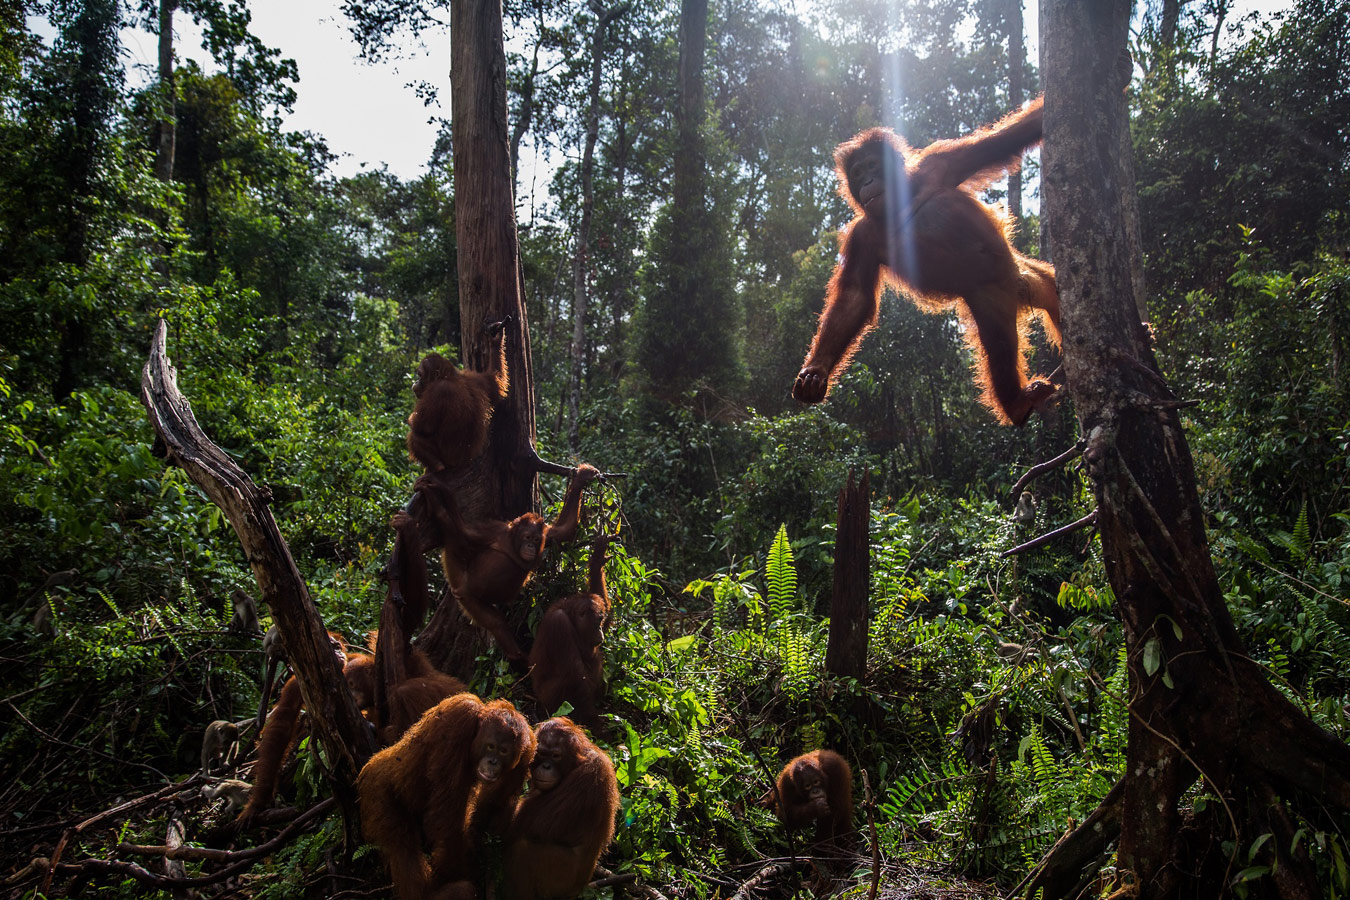 Кемаль Джуфри / Kemal Jufri, Индонезия, 1-я премия в категории «Природа и окружающая среда» (серия), Фотоконкурс Istanbul Photo Awards